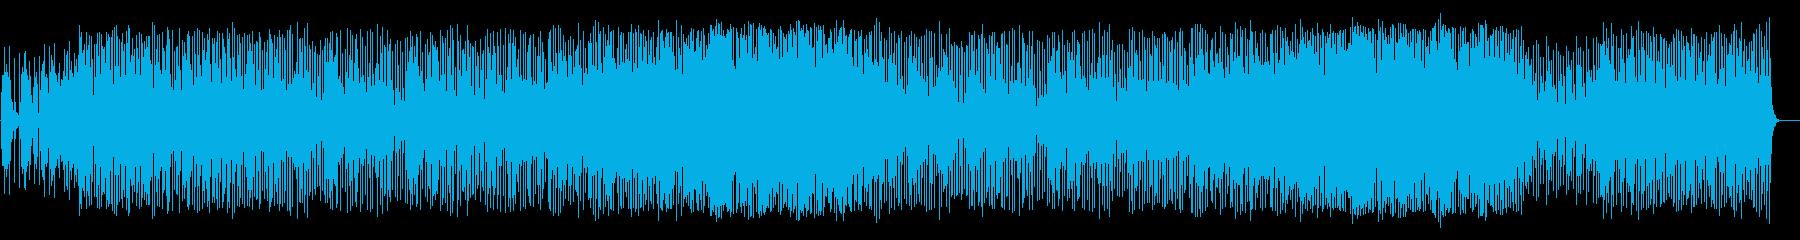 キラキラした変則高音のシンセサイザーの曲の再生済みの波形